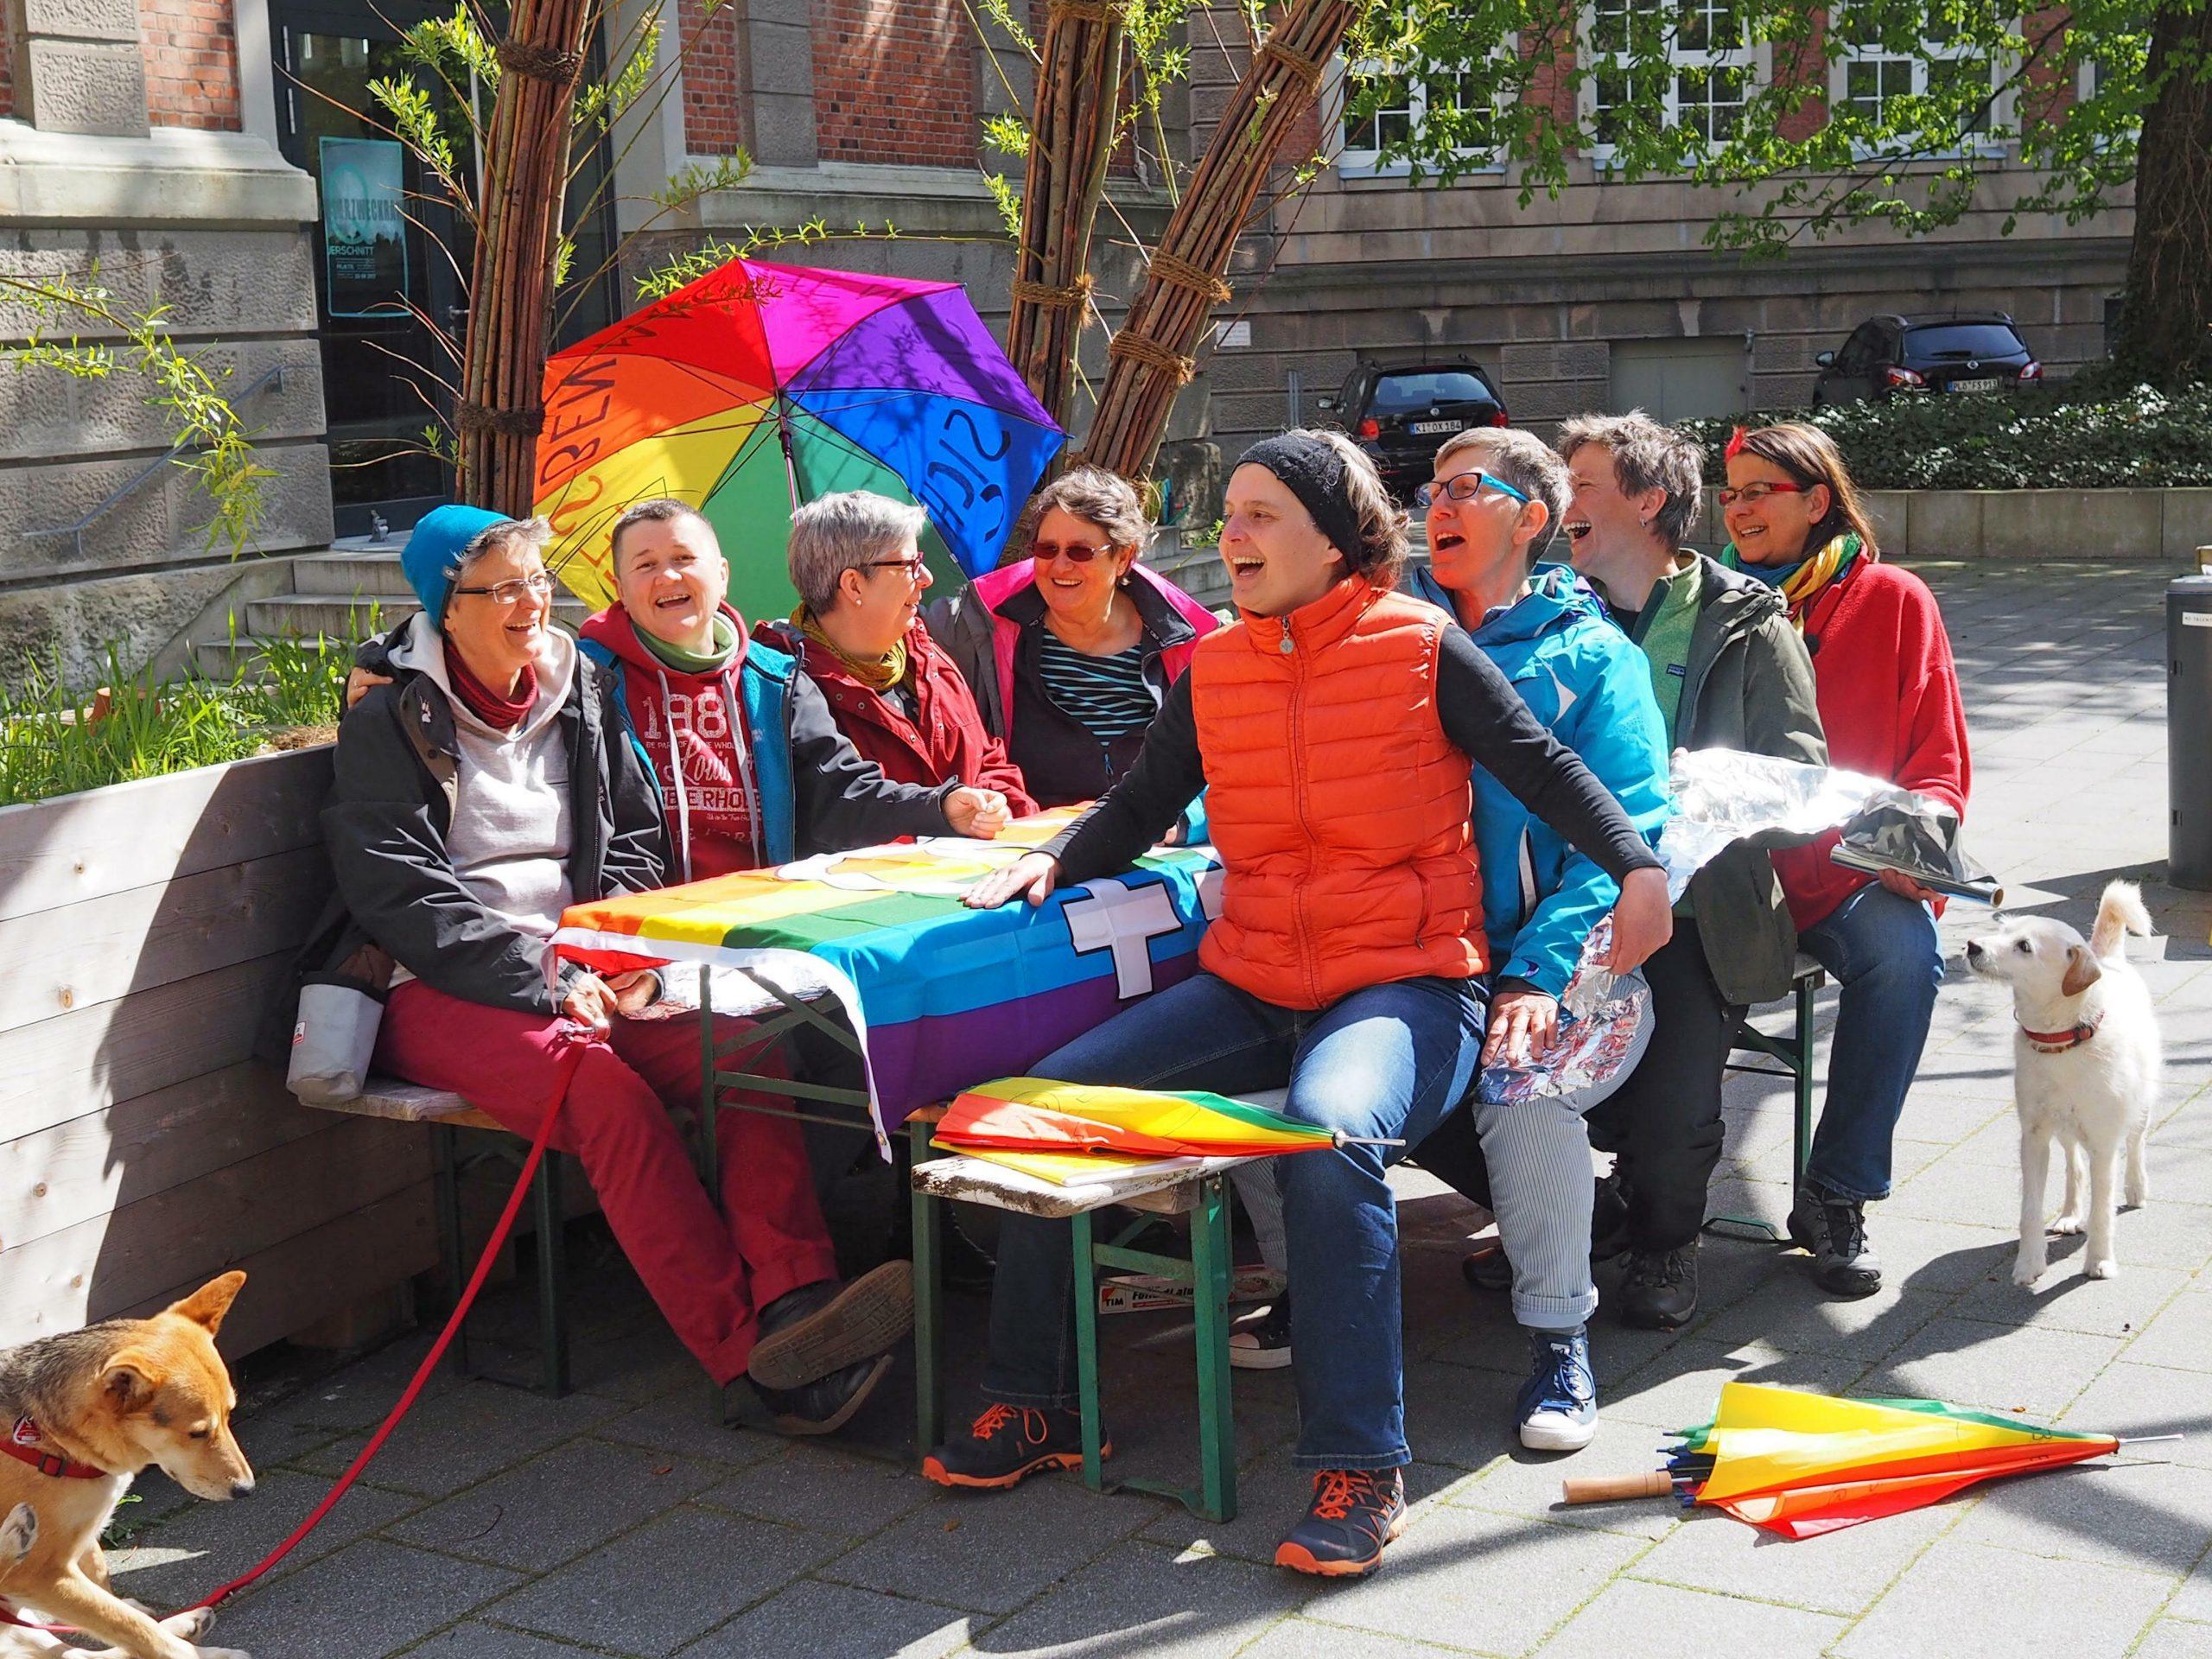 Frühlingstreffen In Kiel Lesben An Der Waterkant  Queer